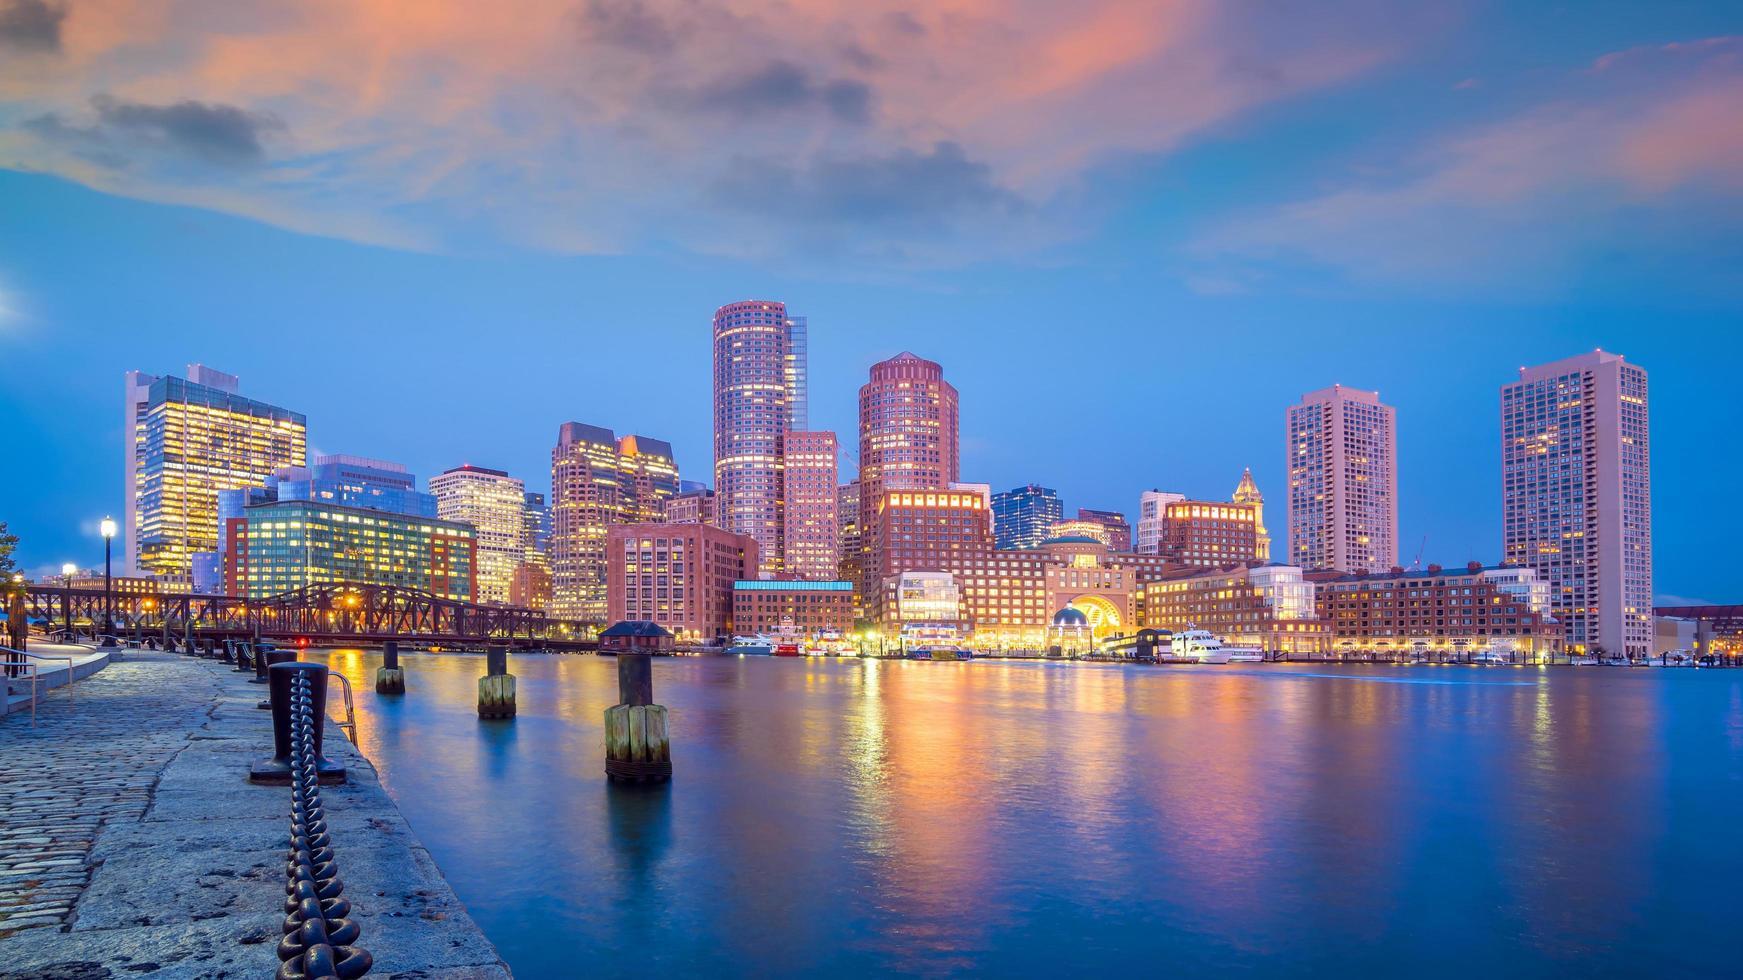 cidade de boston no centro dos eua foto